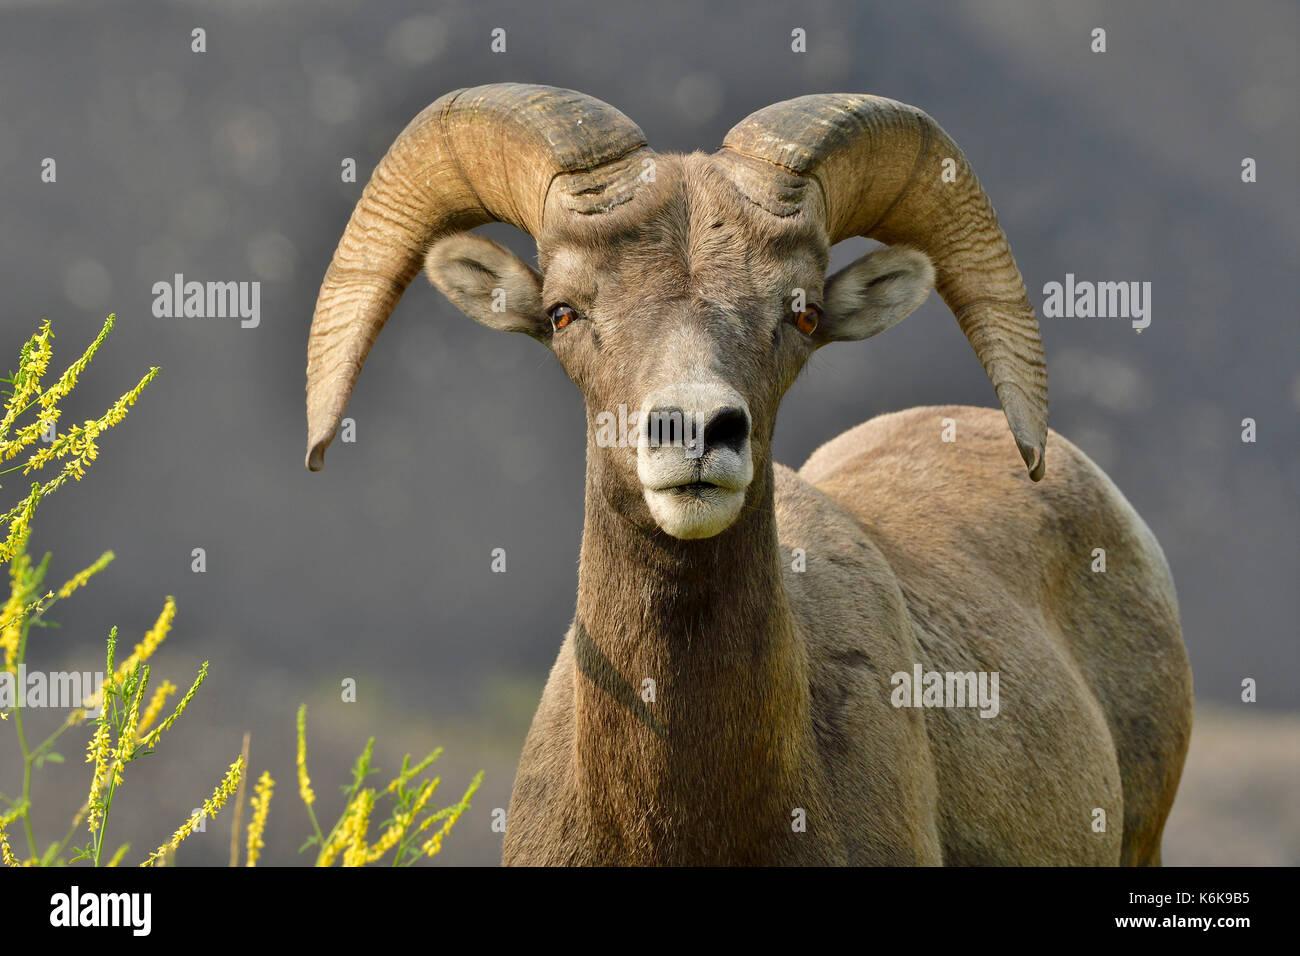 """Ein erwachsener Bighorn Sheep'Ovis canadensis"""" freuen, in der Nähe von Cadomin Alberta Kanada Stockbild"""